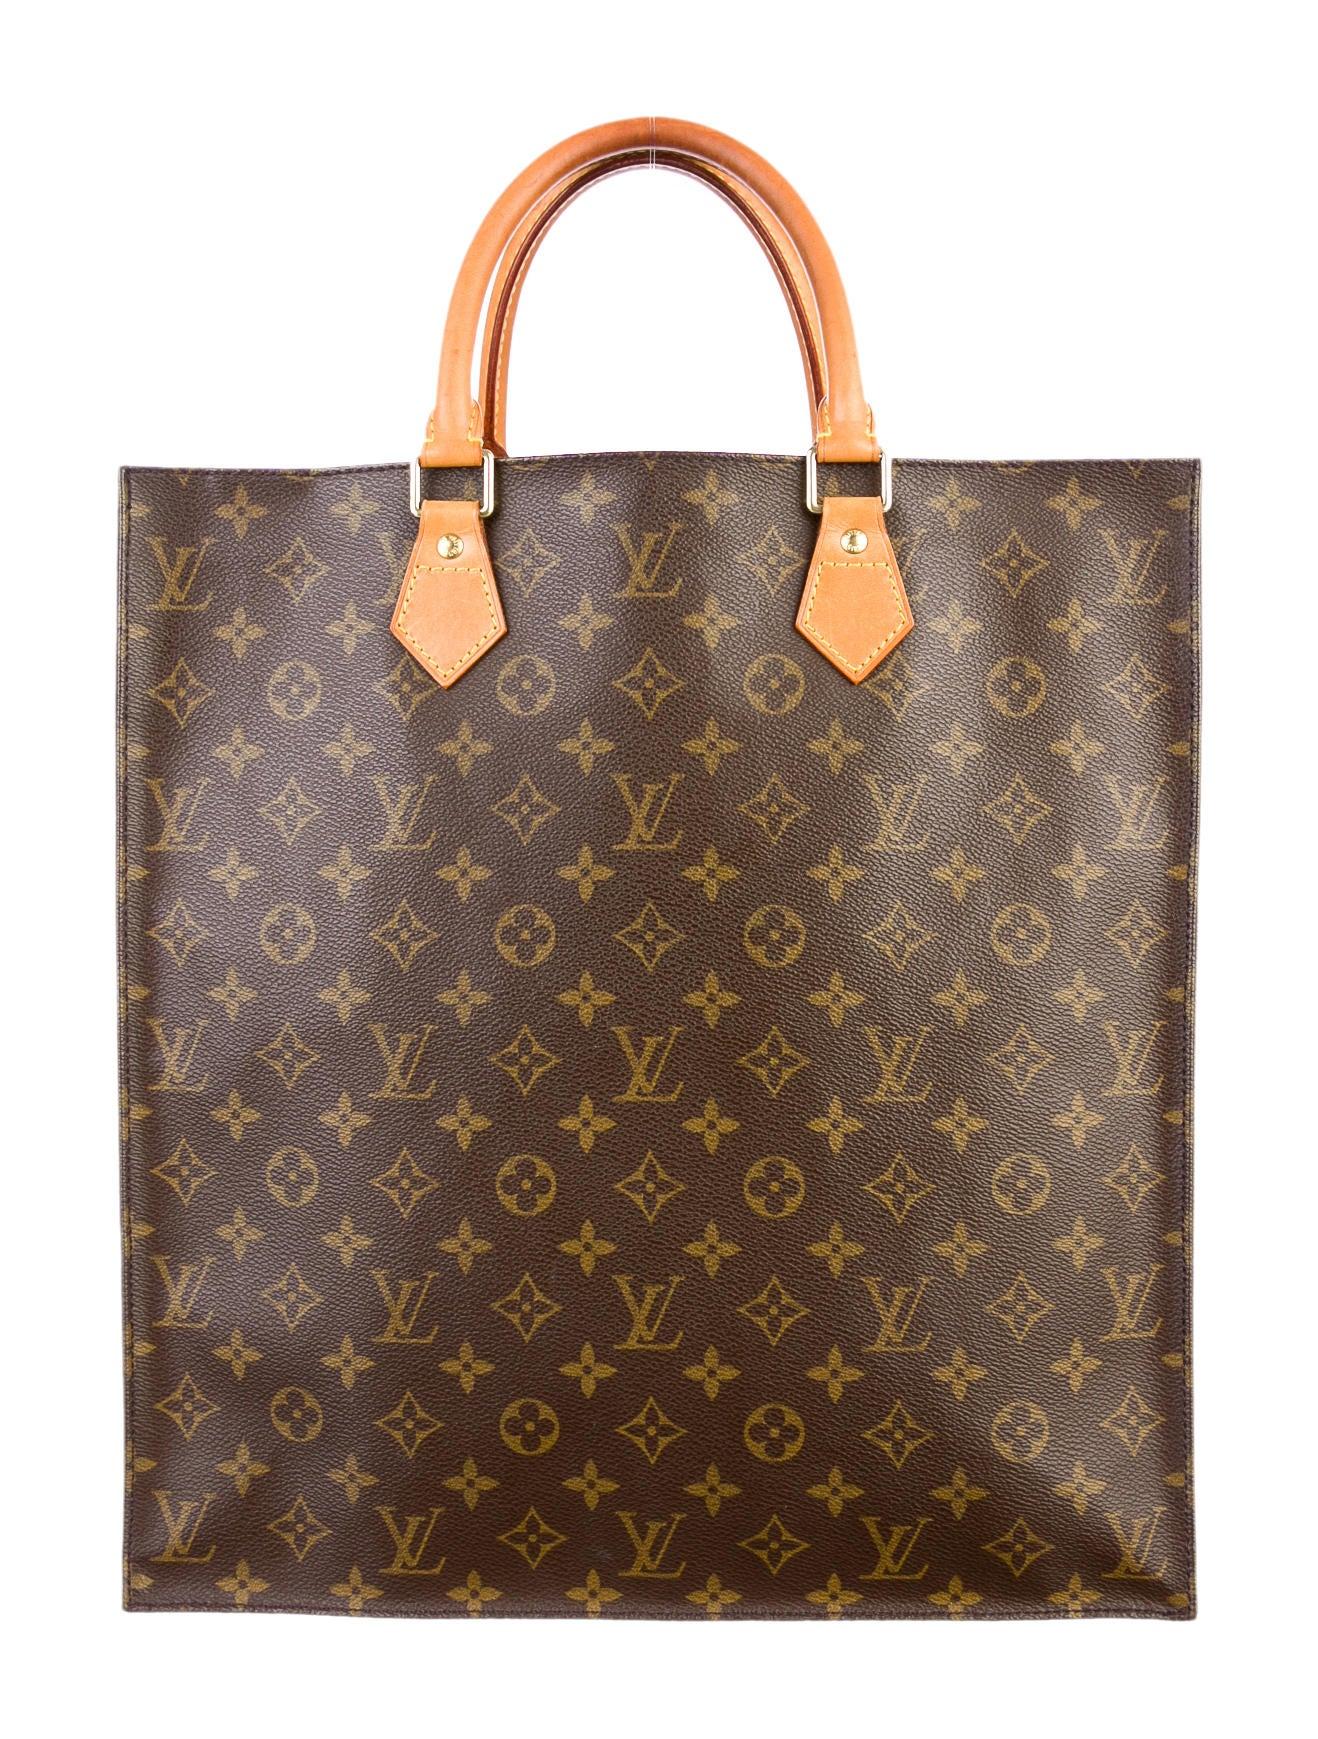 Louis vuitton monogram sac plat tote handbags lou36588 for Louis vuitton monogram miroir sac plat